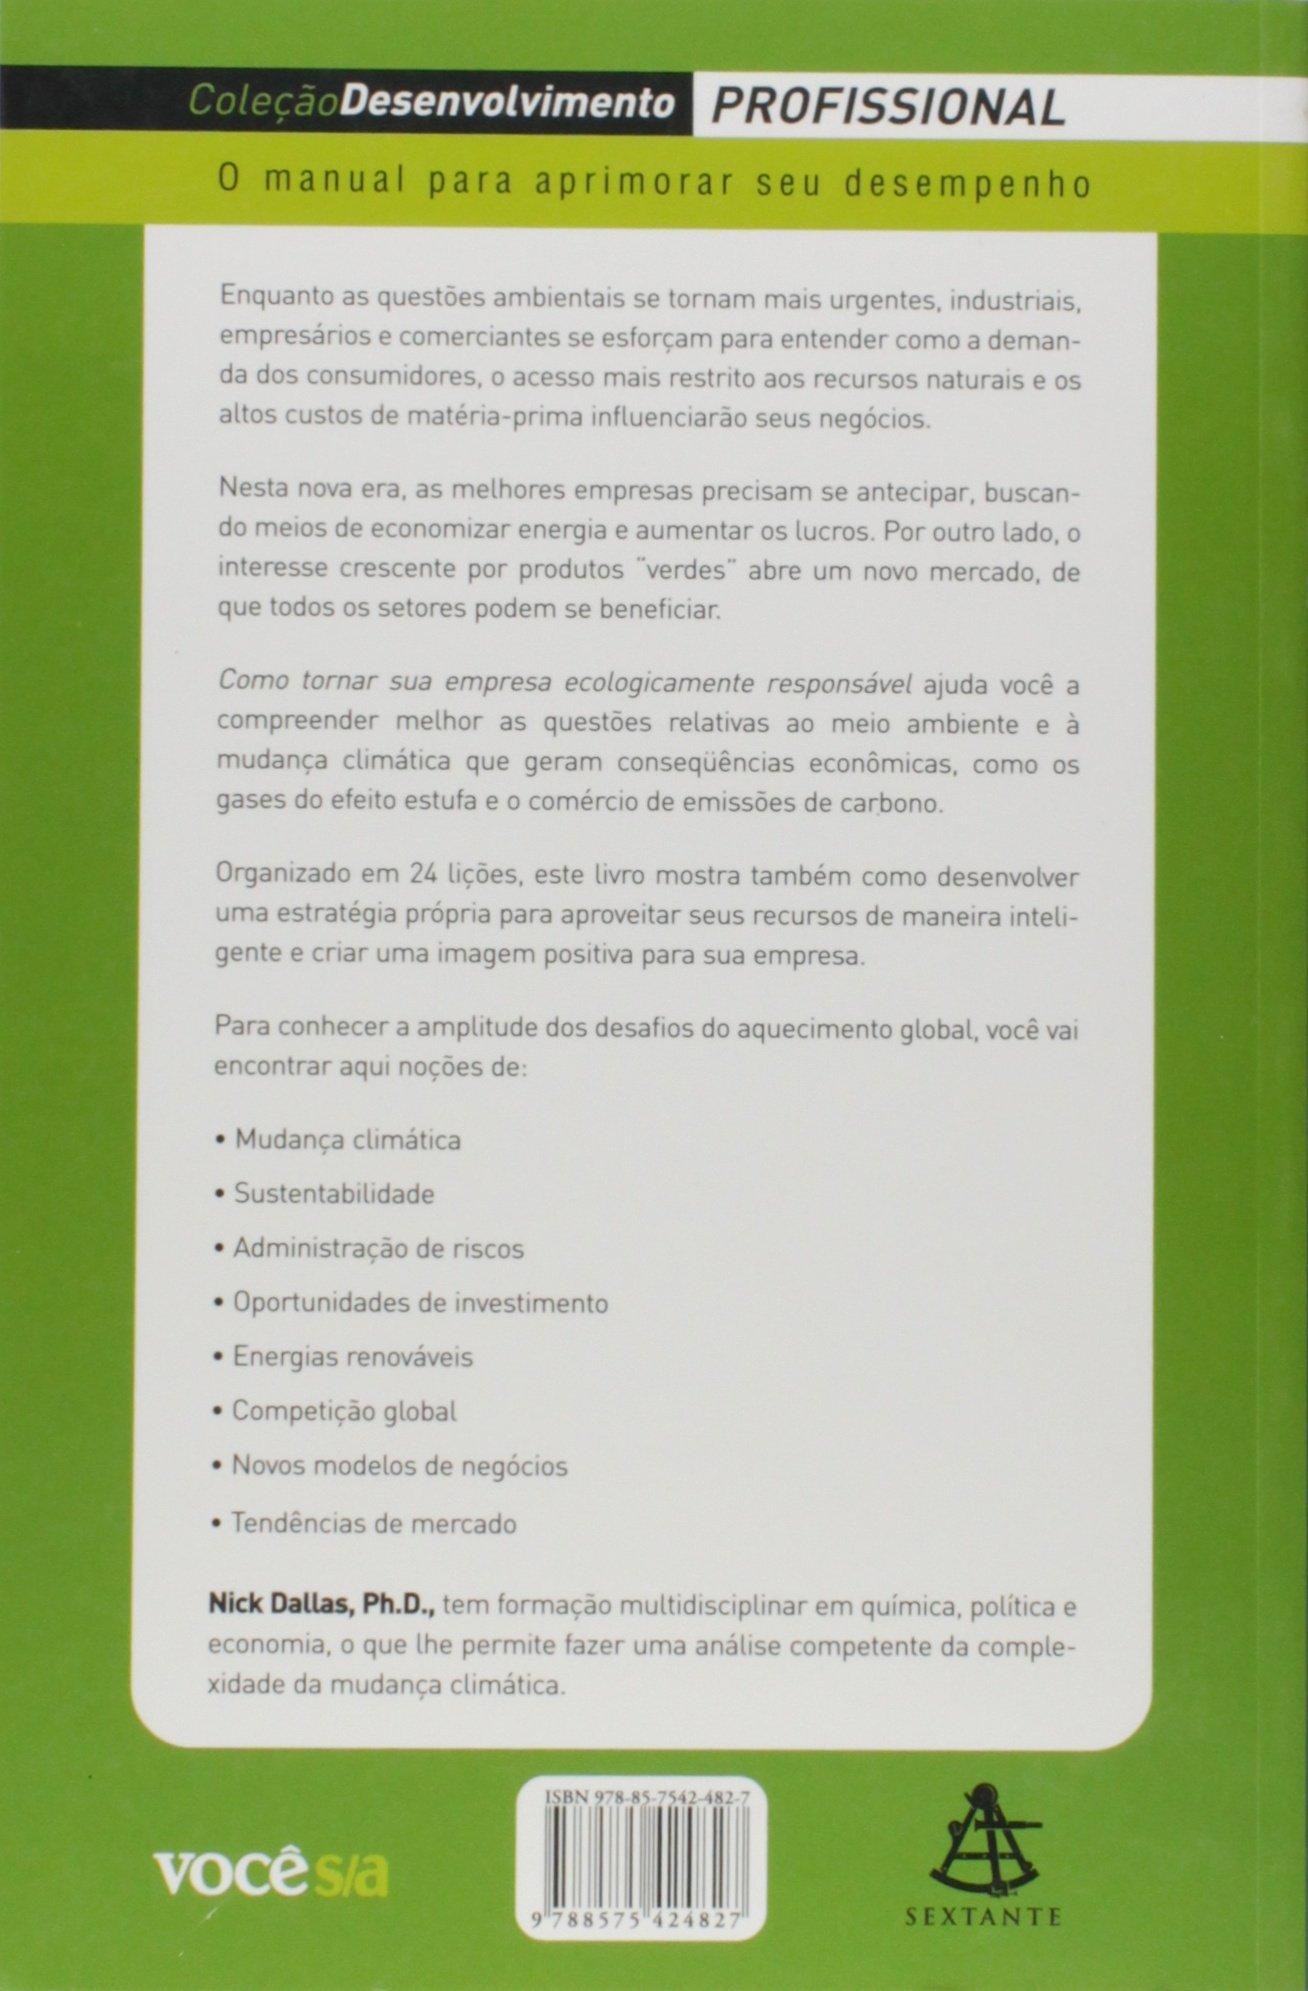 Como Tornar Sua Empresa Ecologicamente Responsavel (Em Portugues do Brasil): Nick Dallas: 9788575424827: Amazon.com: Books